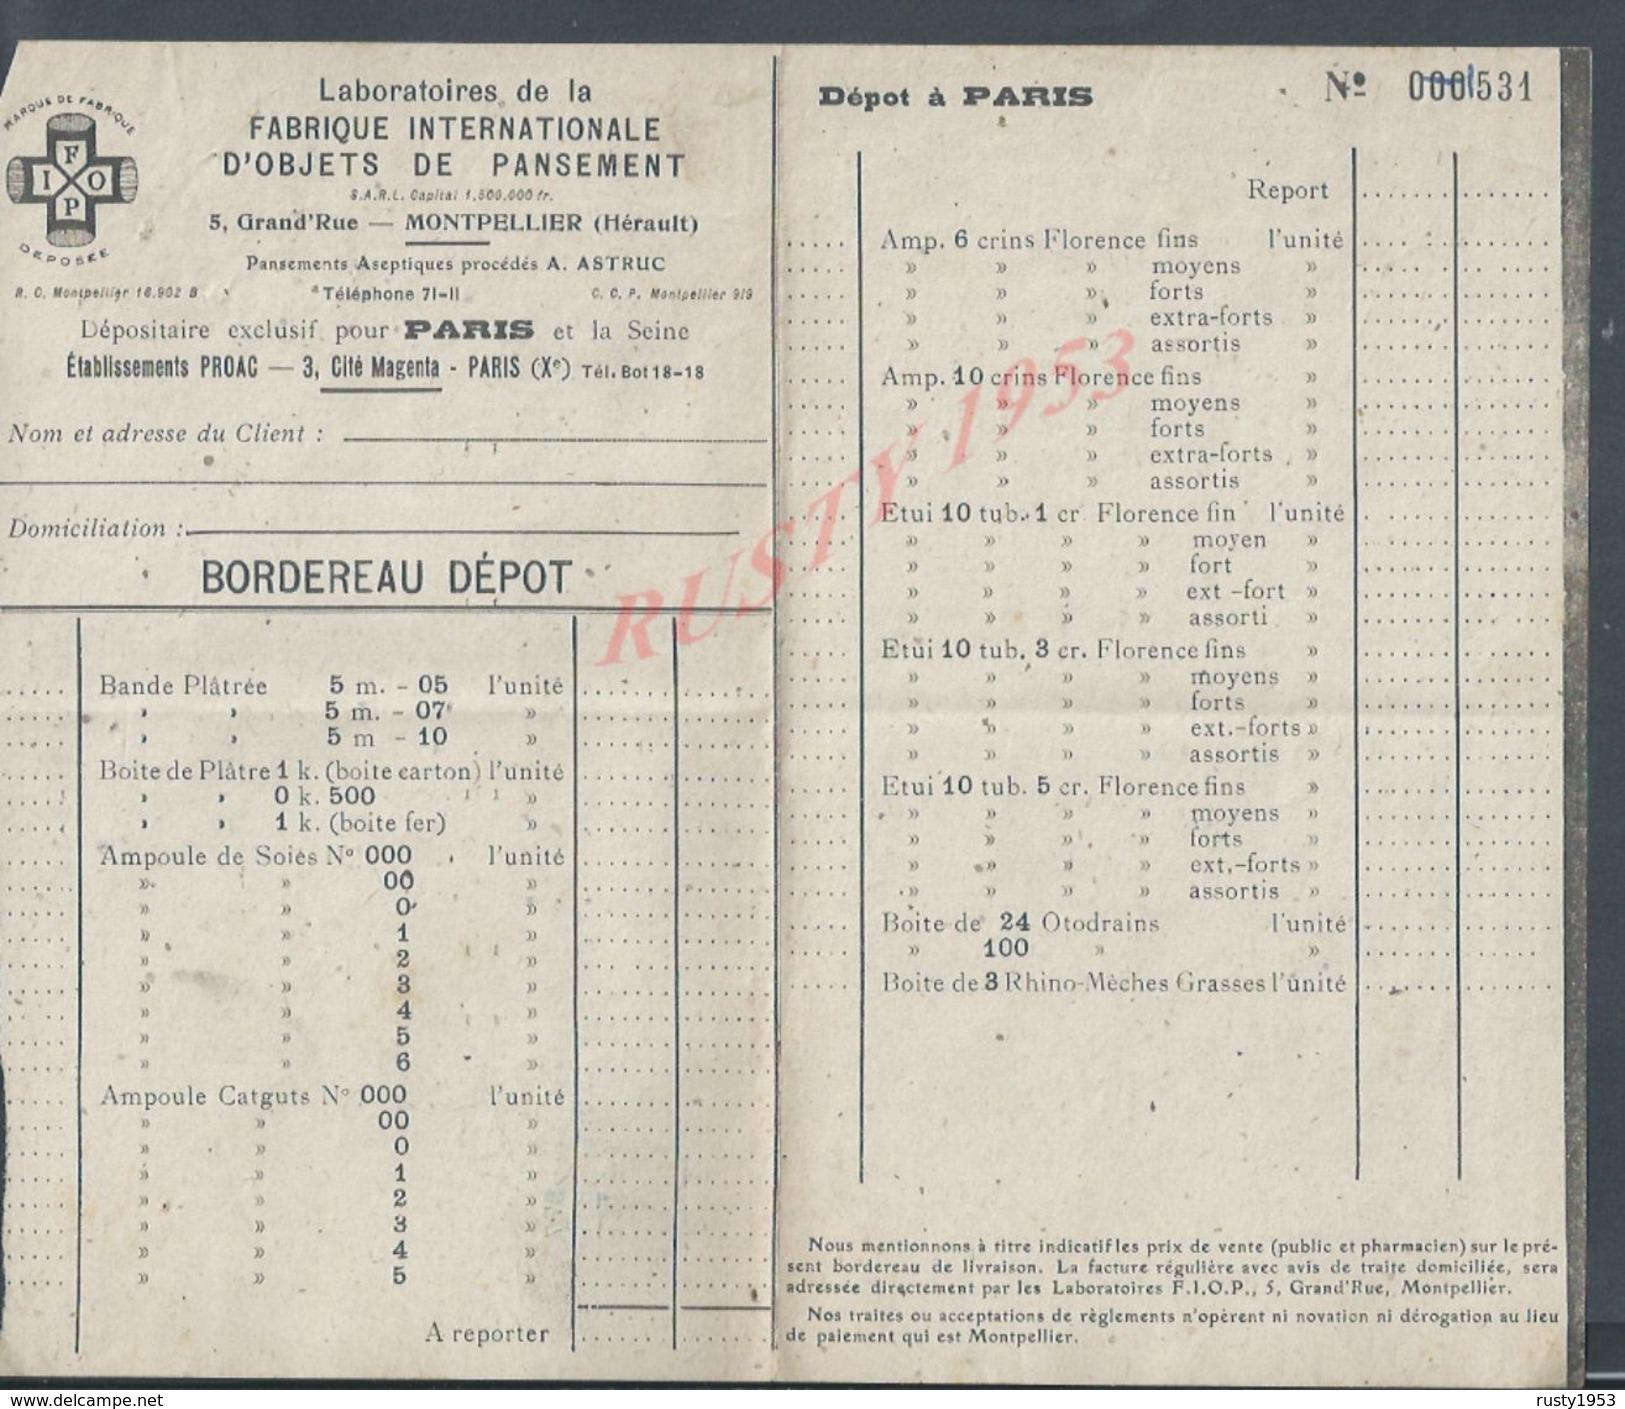 LABORATOIRES DE LA FABRIQUE OBJETS DE PANSEMENT À MOTPELLIER DEPOT À PARIS CITÉ MAGENTA BOULEVARD BOURDON : - Sciences & Technique